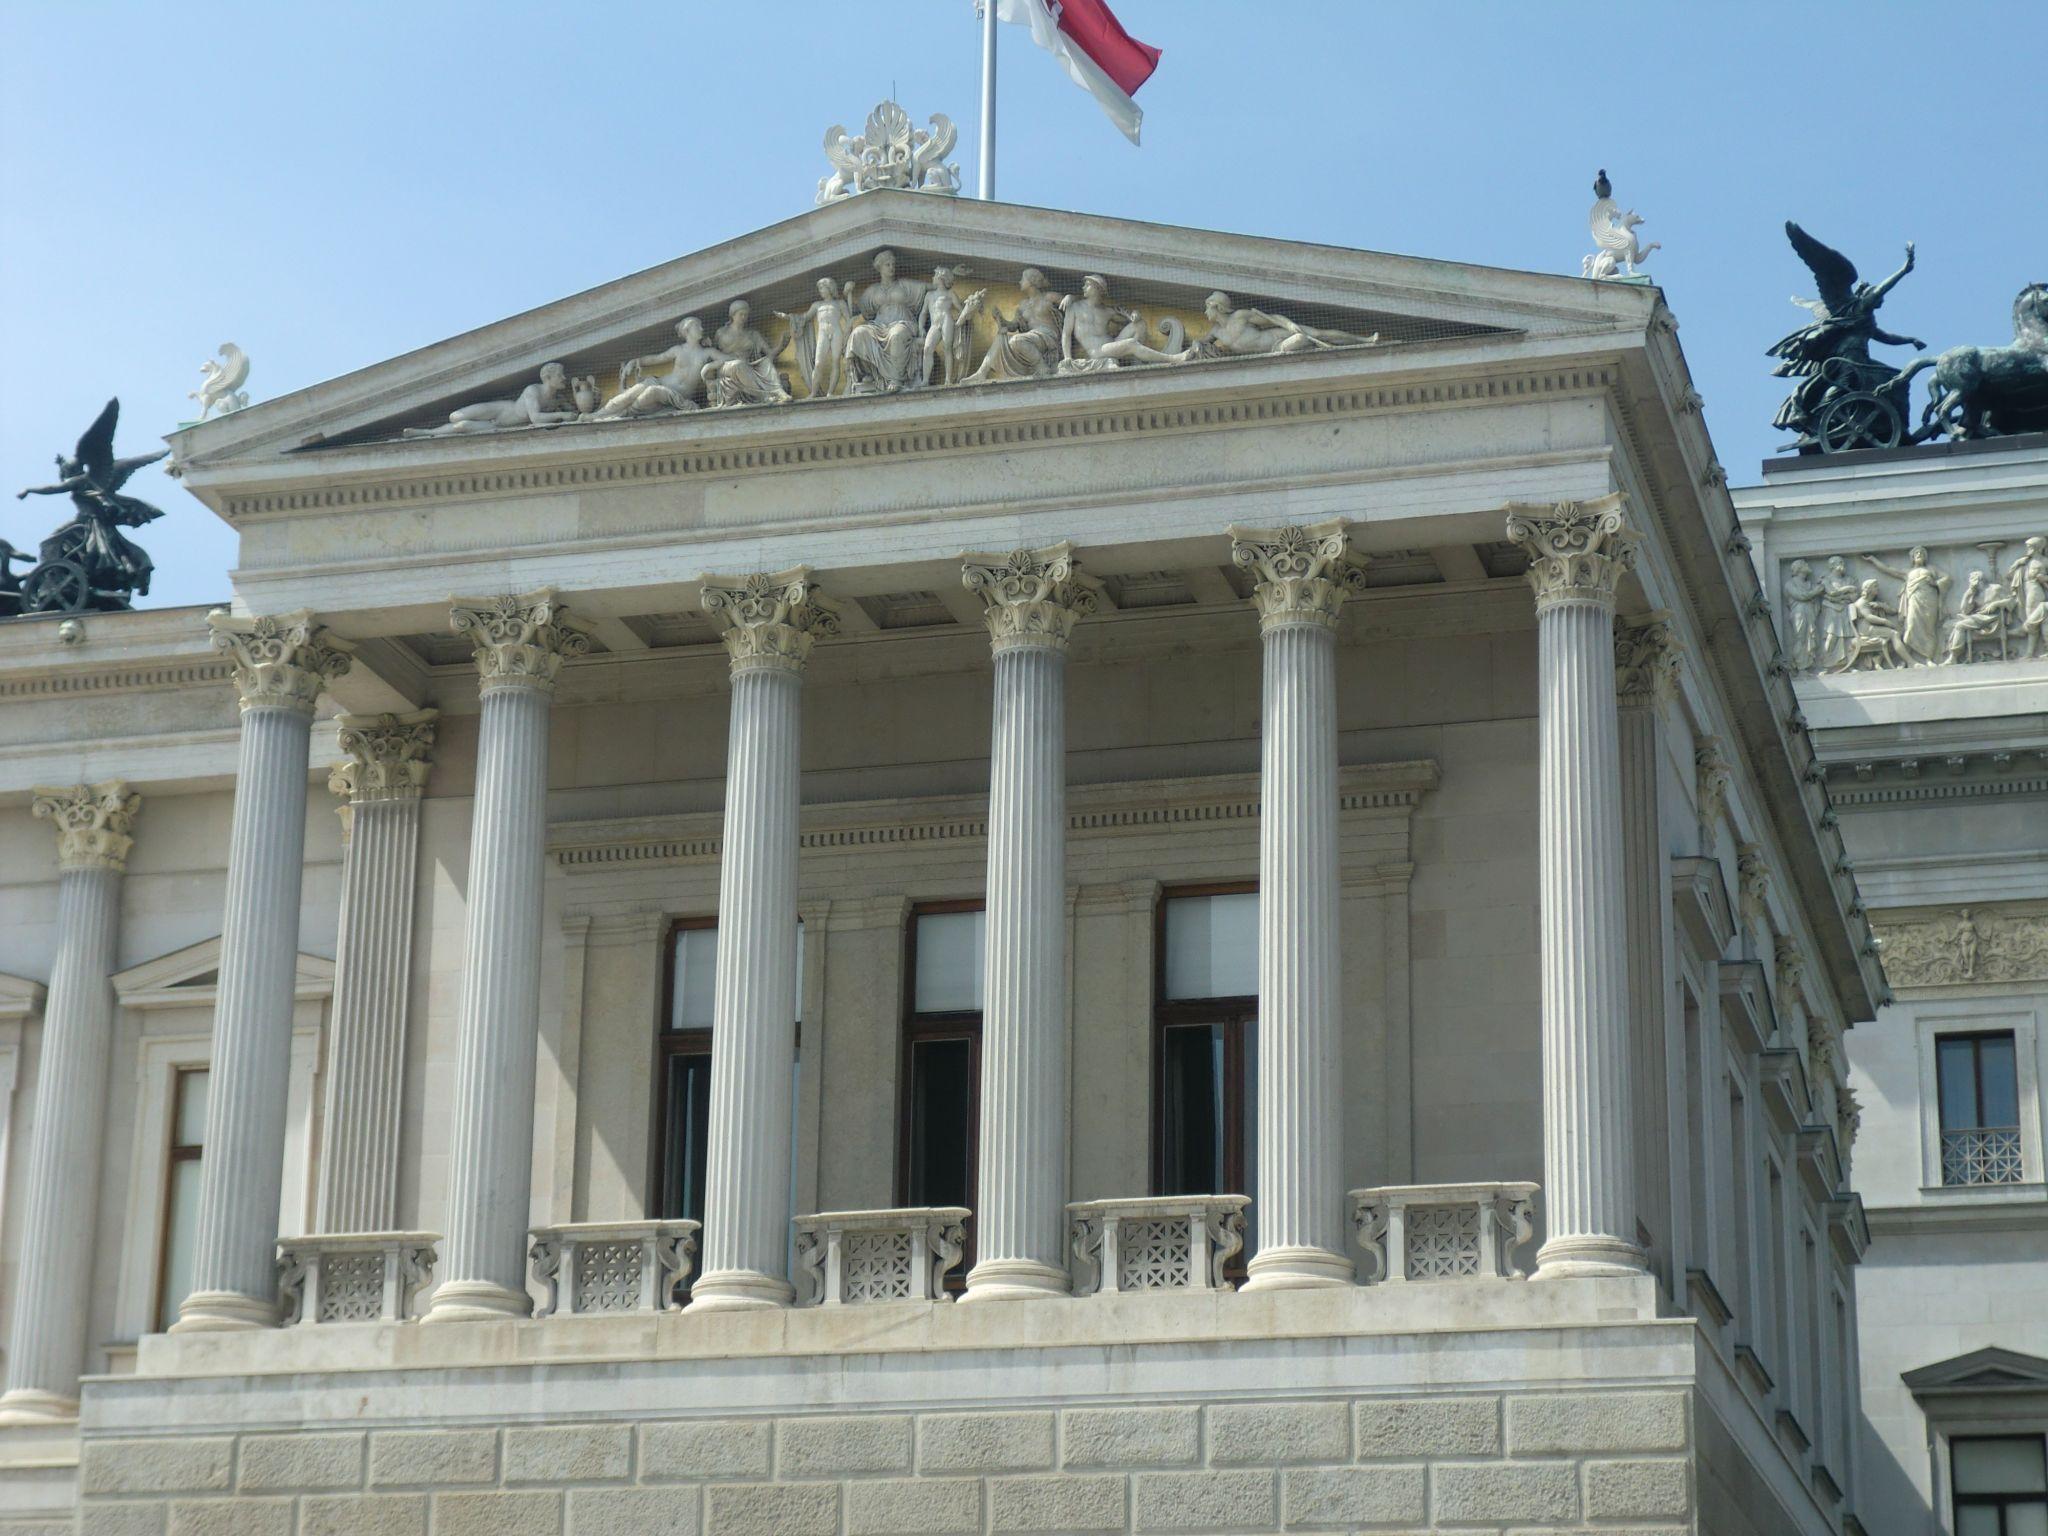 Vienna institutions 2 1440x1080 - Vienna: elegant beauty